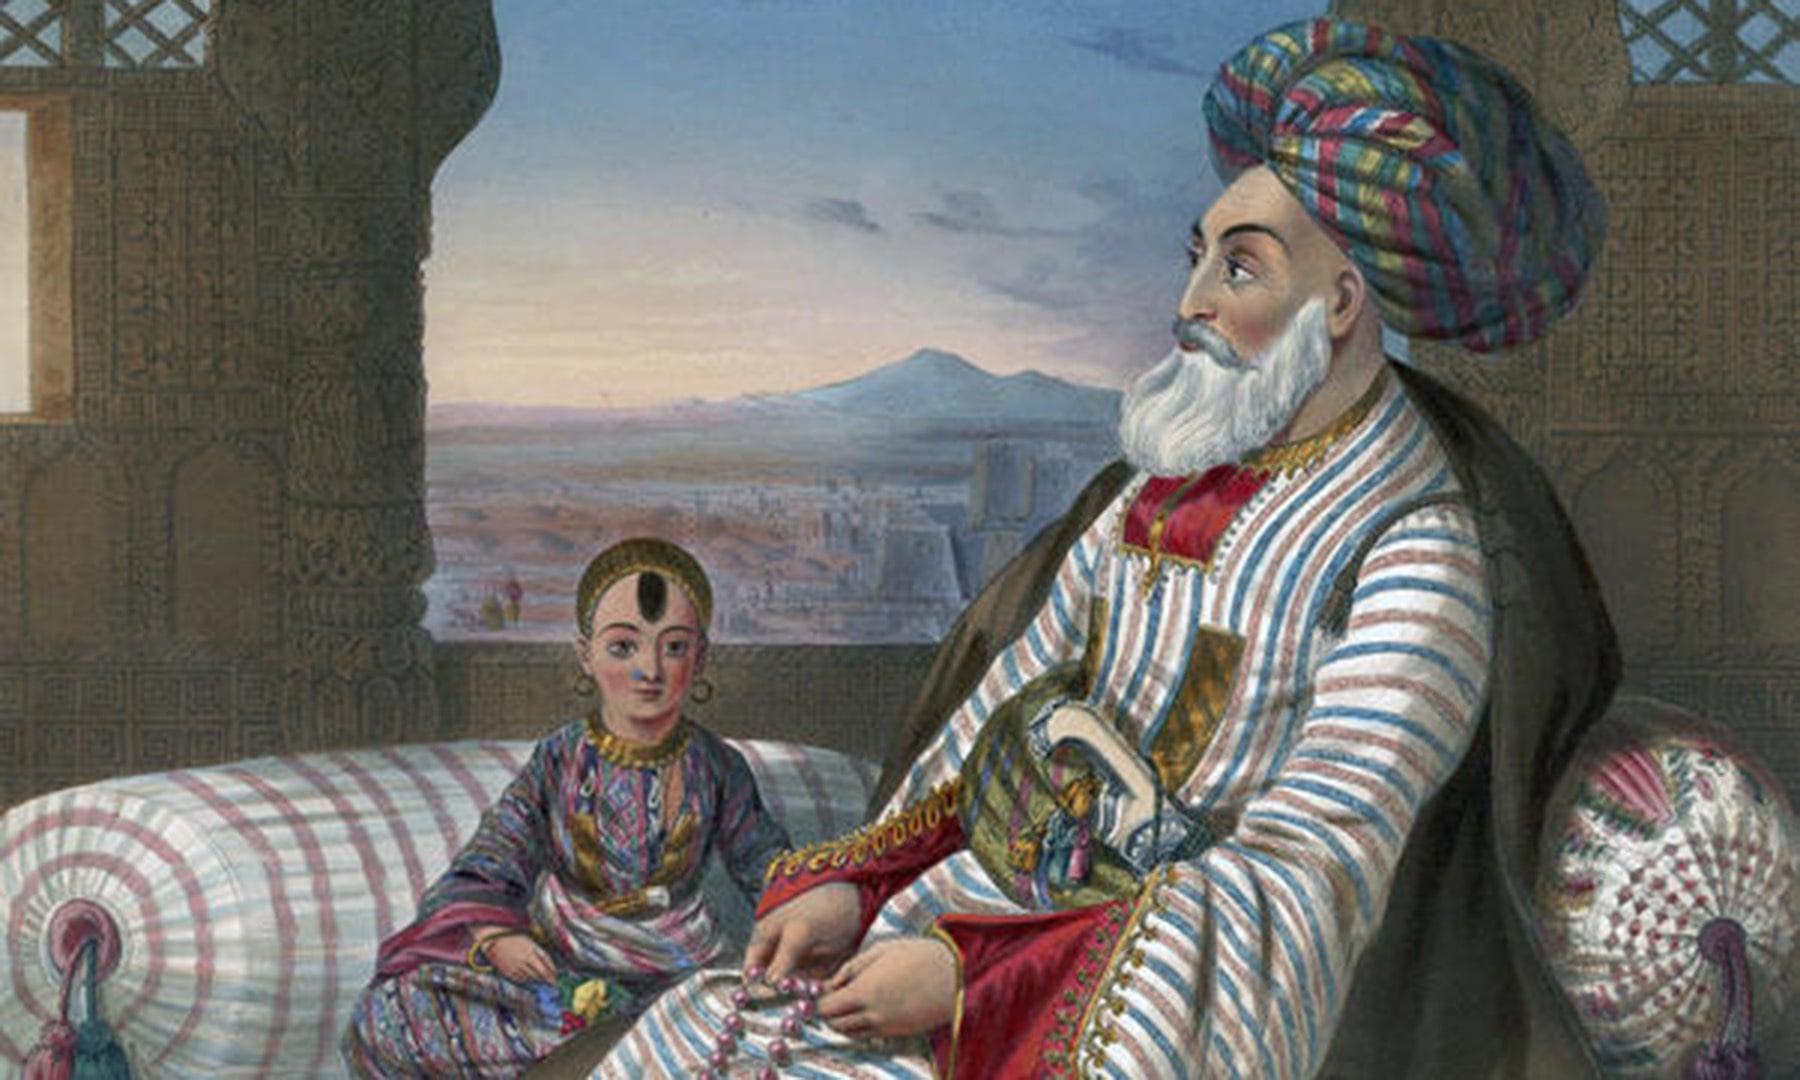 دوست محمد خان اپنے سب سے چھوٹے بیٹے کے ہمراہ—برٹش لائبریری